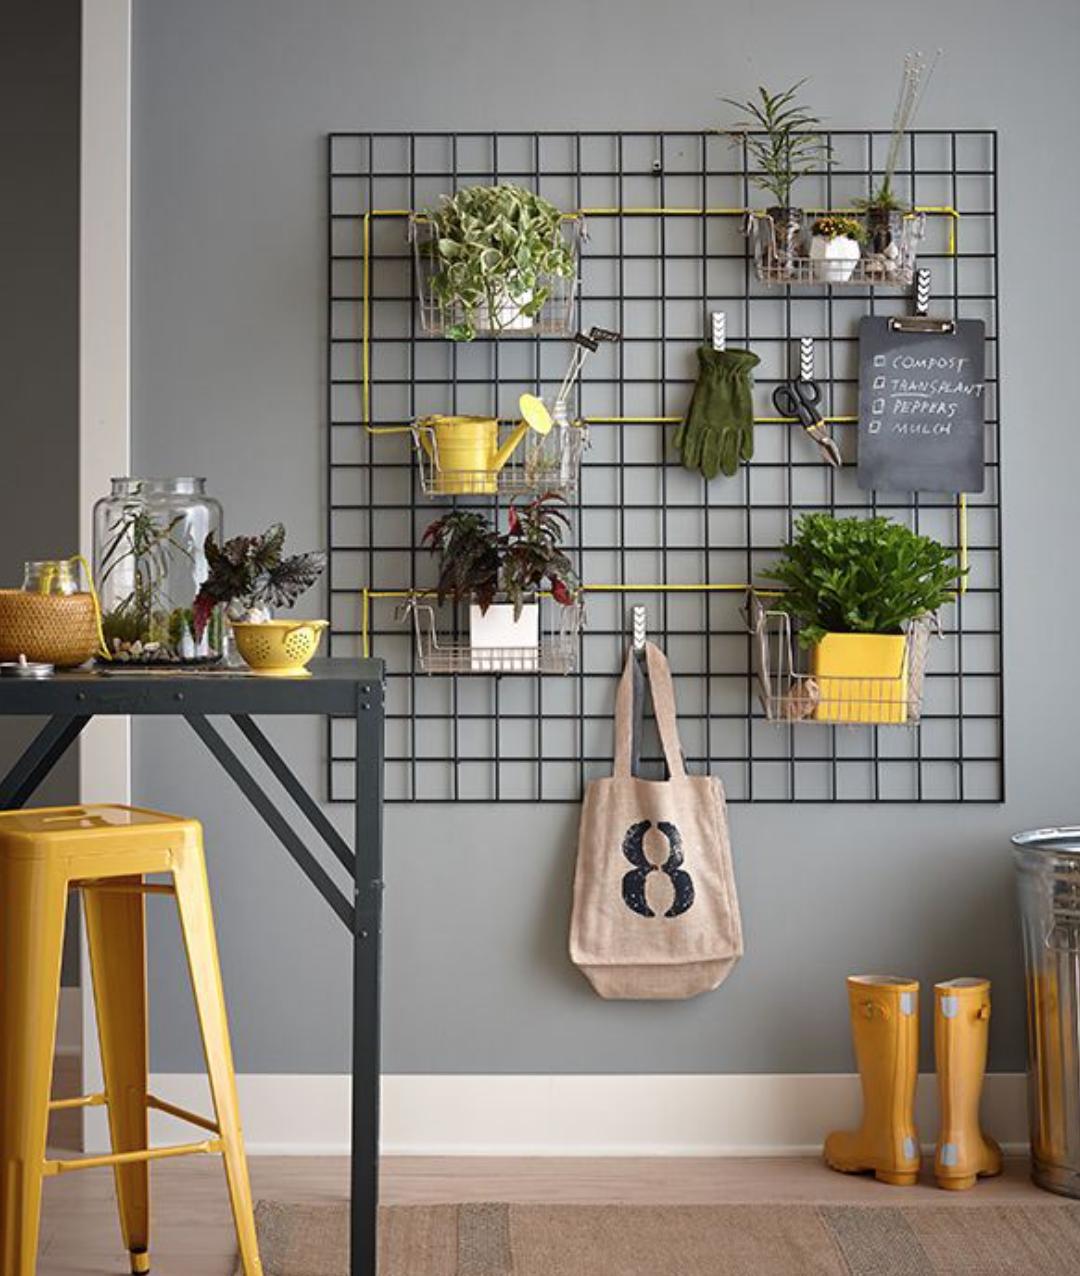 Perfectly me | DIY | Pinterest | Ideas para, Cocinas y Ideas